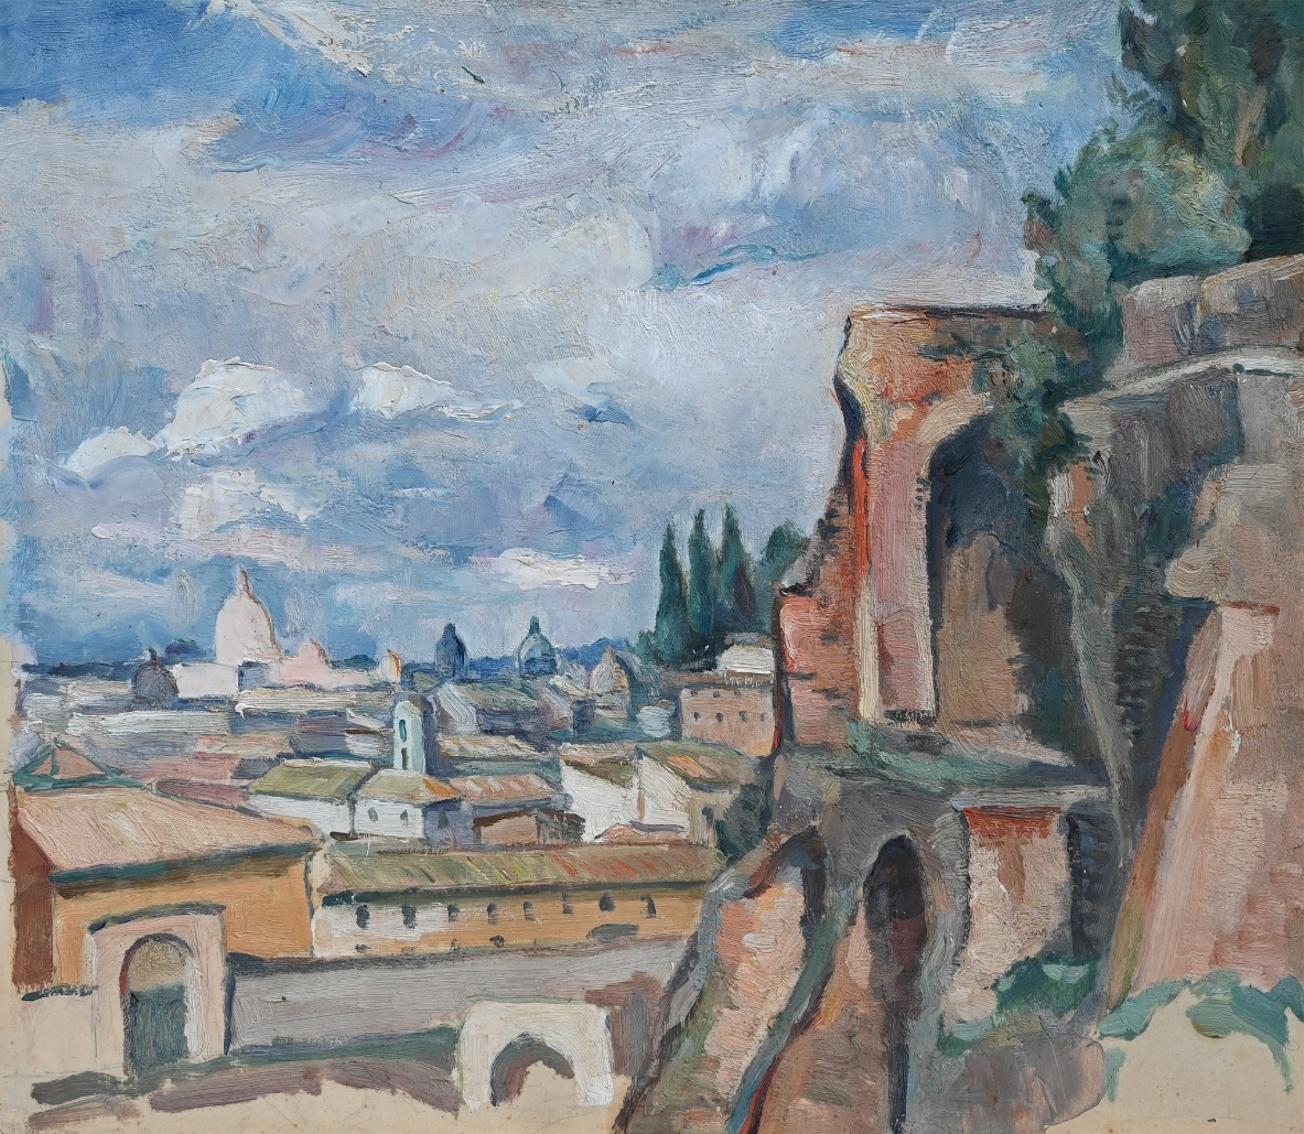 Maler des 20. Jahrhundert » Öl-Gemälde Postimpressionismus École Paris italienische Stadtansicht Rom antike Architektur